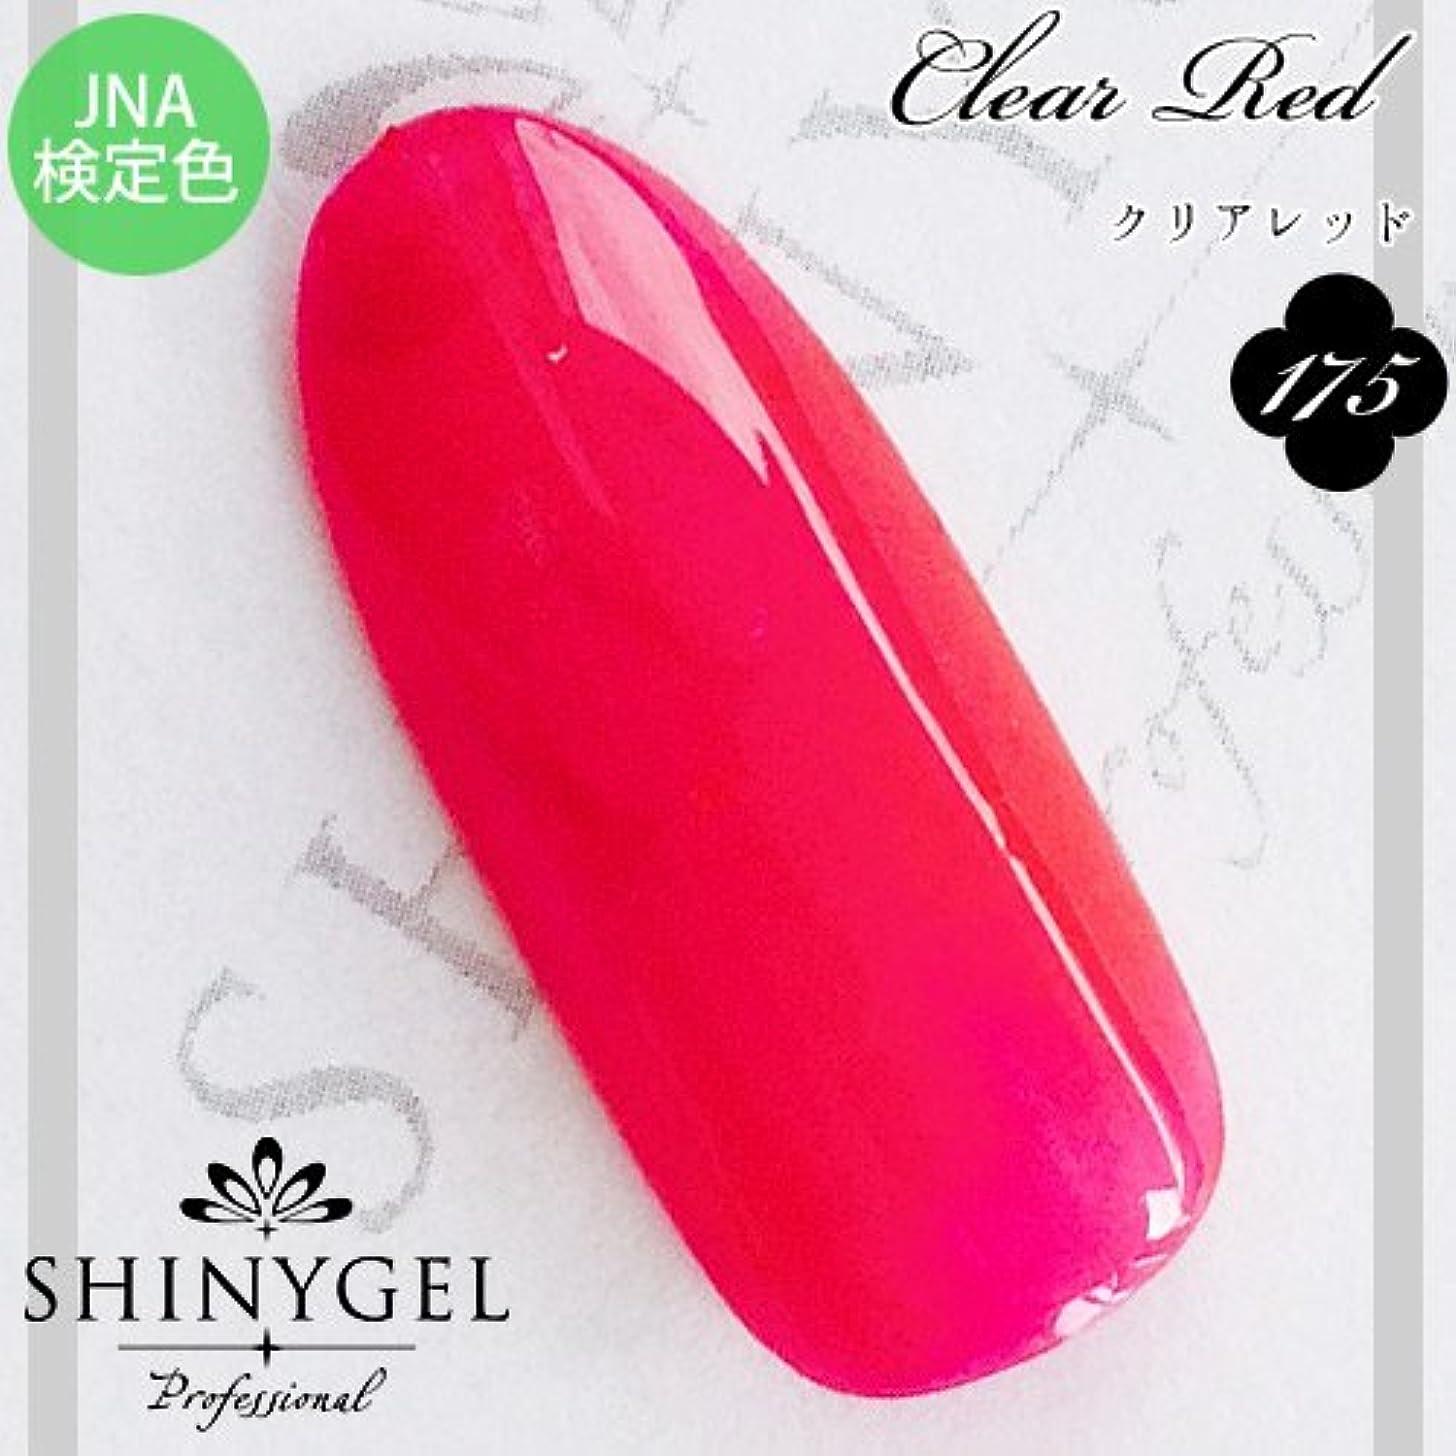 値急流インシデントSHINY GEL カラージェル 175 4g クリアレッド JNA検定色 UV/LED対応